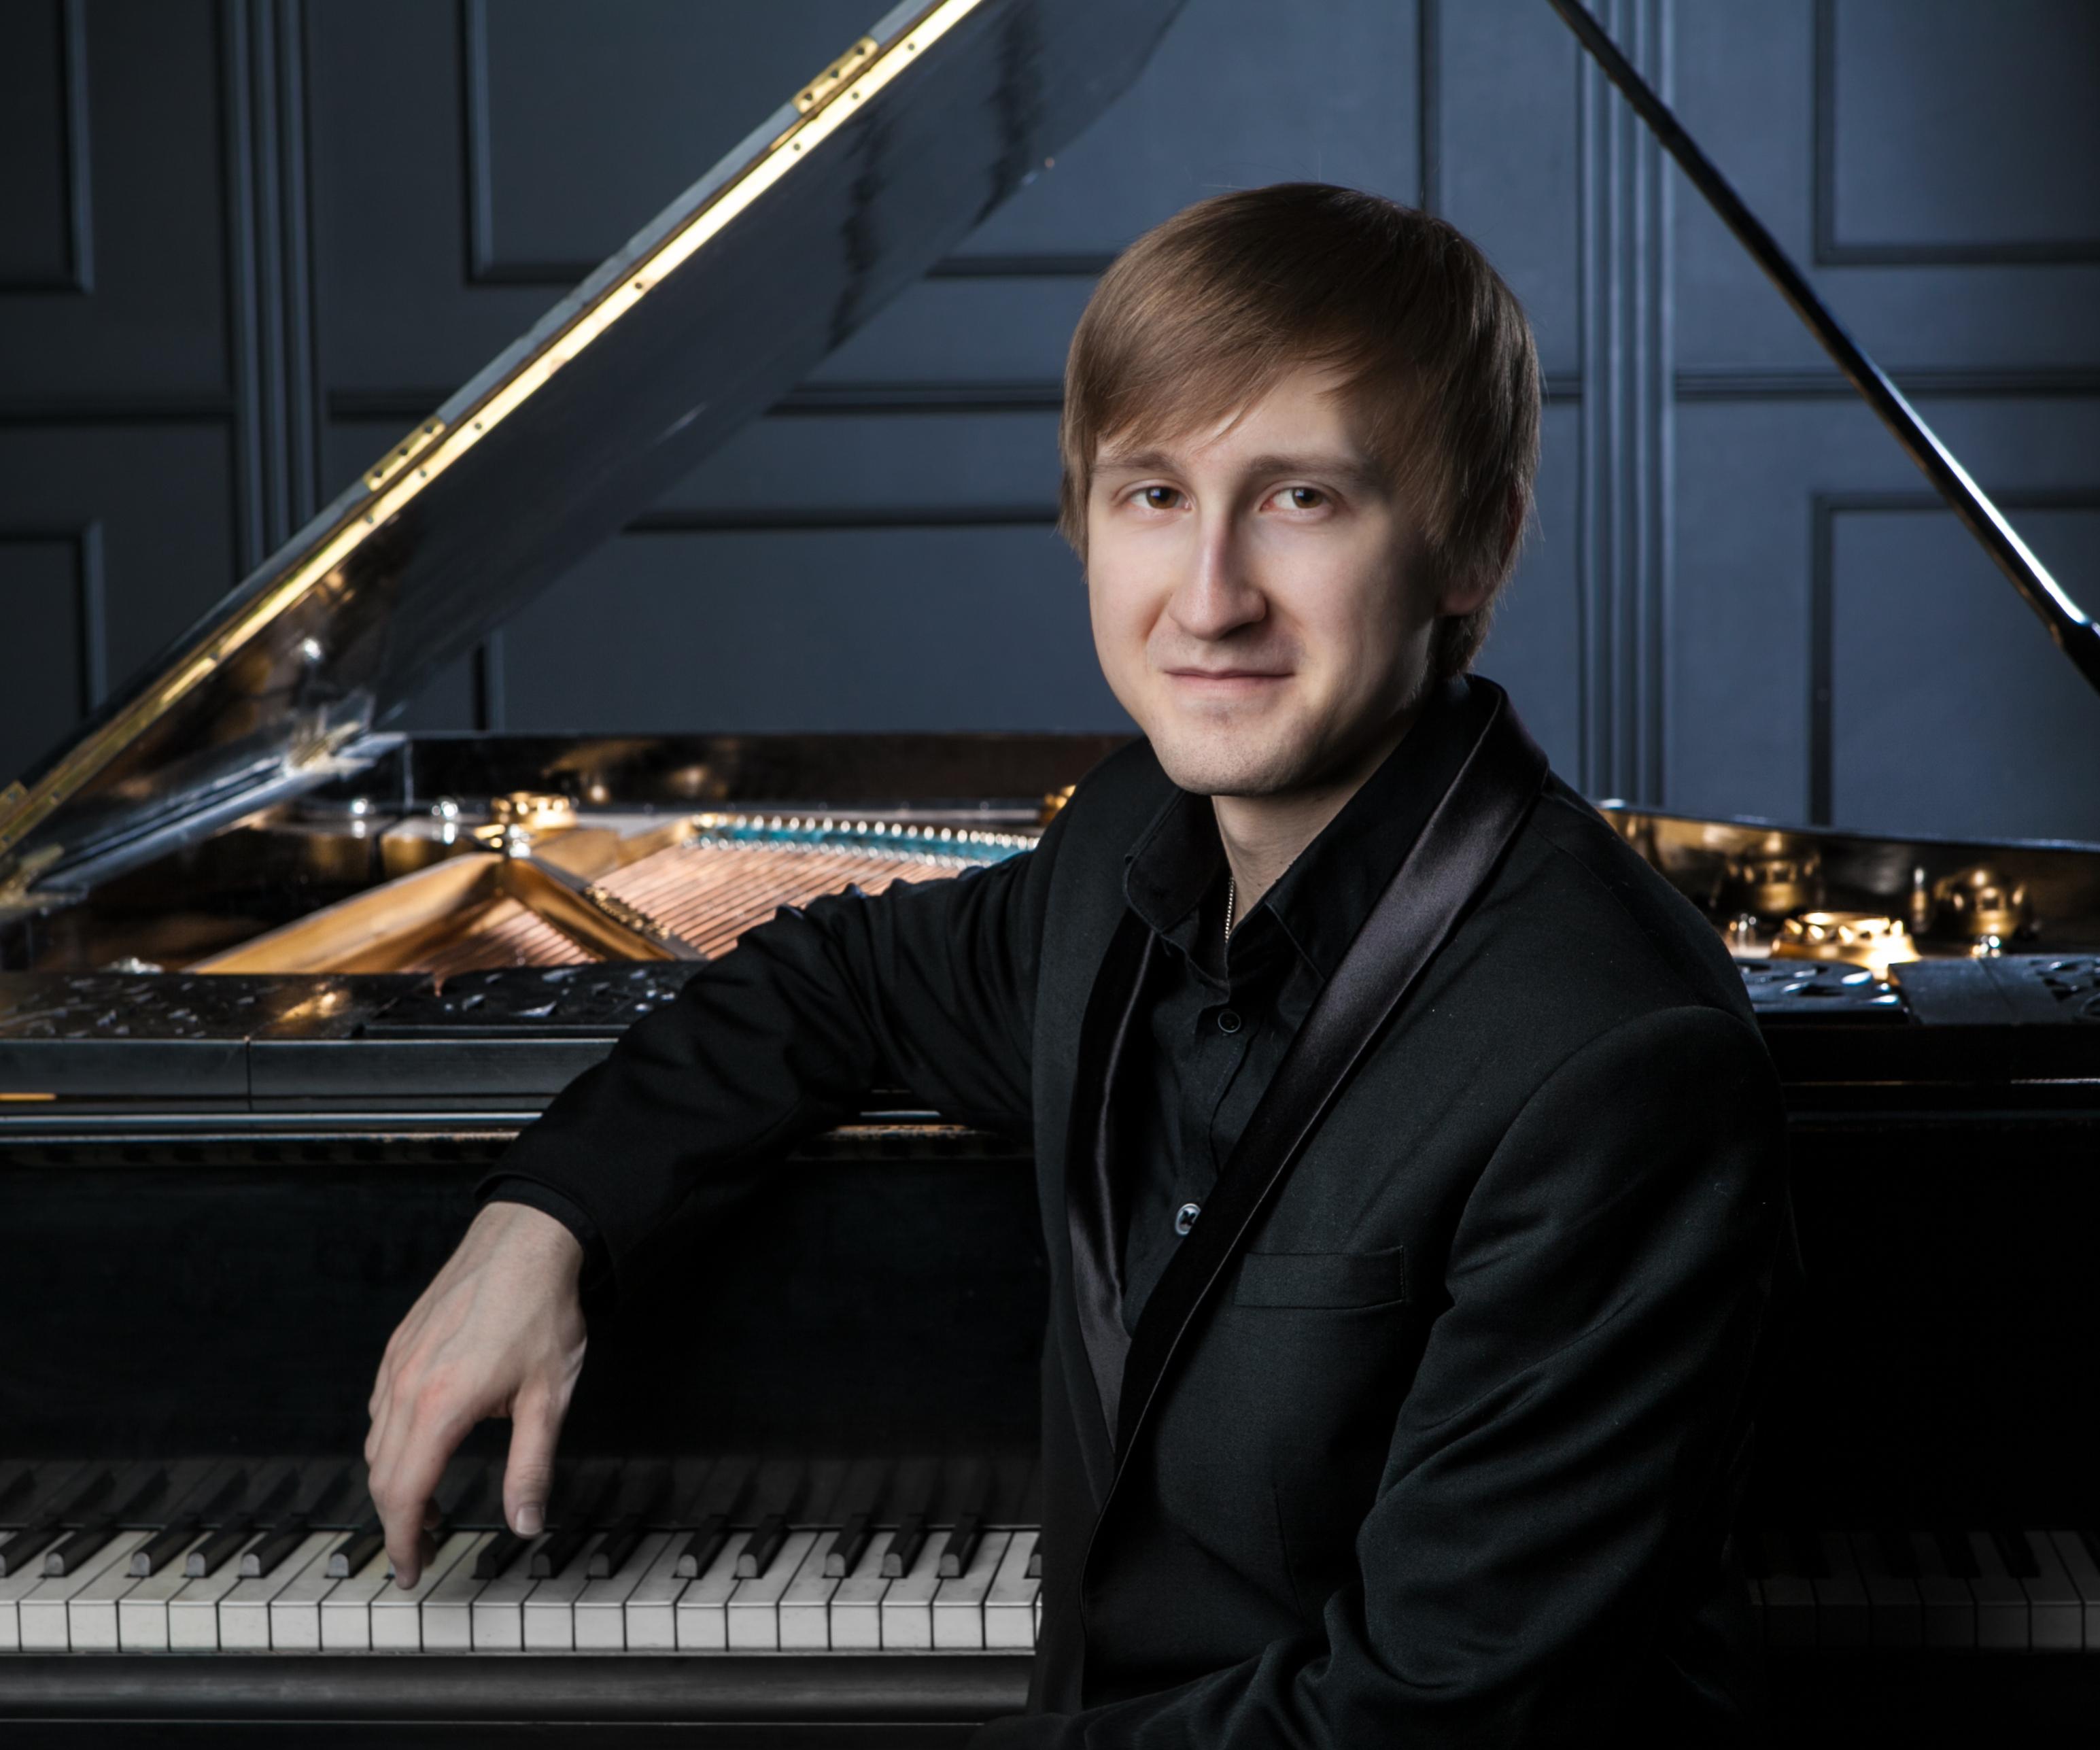 Dmitri MASLEEV